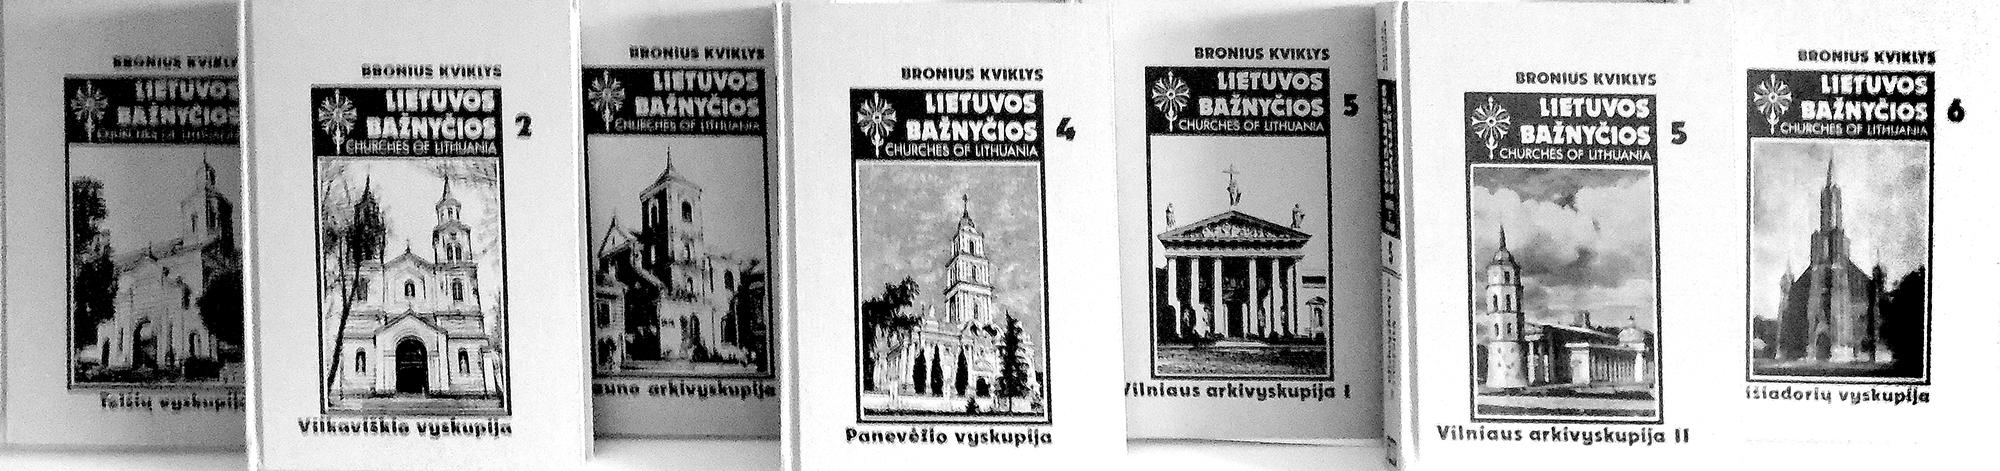 """Broniaus Kviklio """"Lietuvos bažnyčių"""" septyntomis, kurio dailininkas ir techninis redaktorius buvo P. Aleksa."""